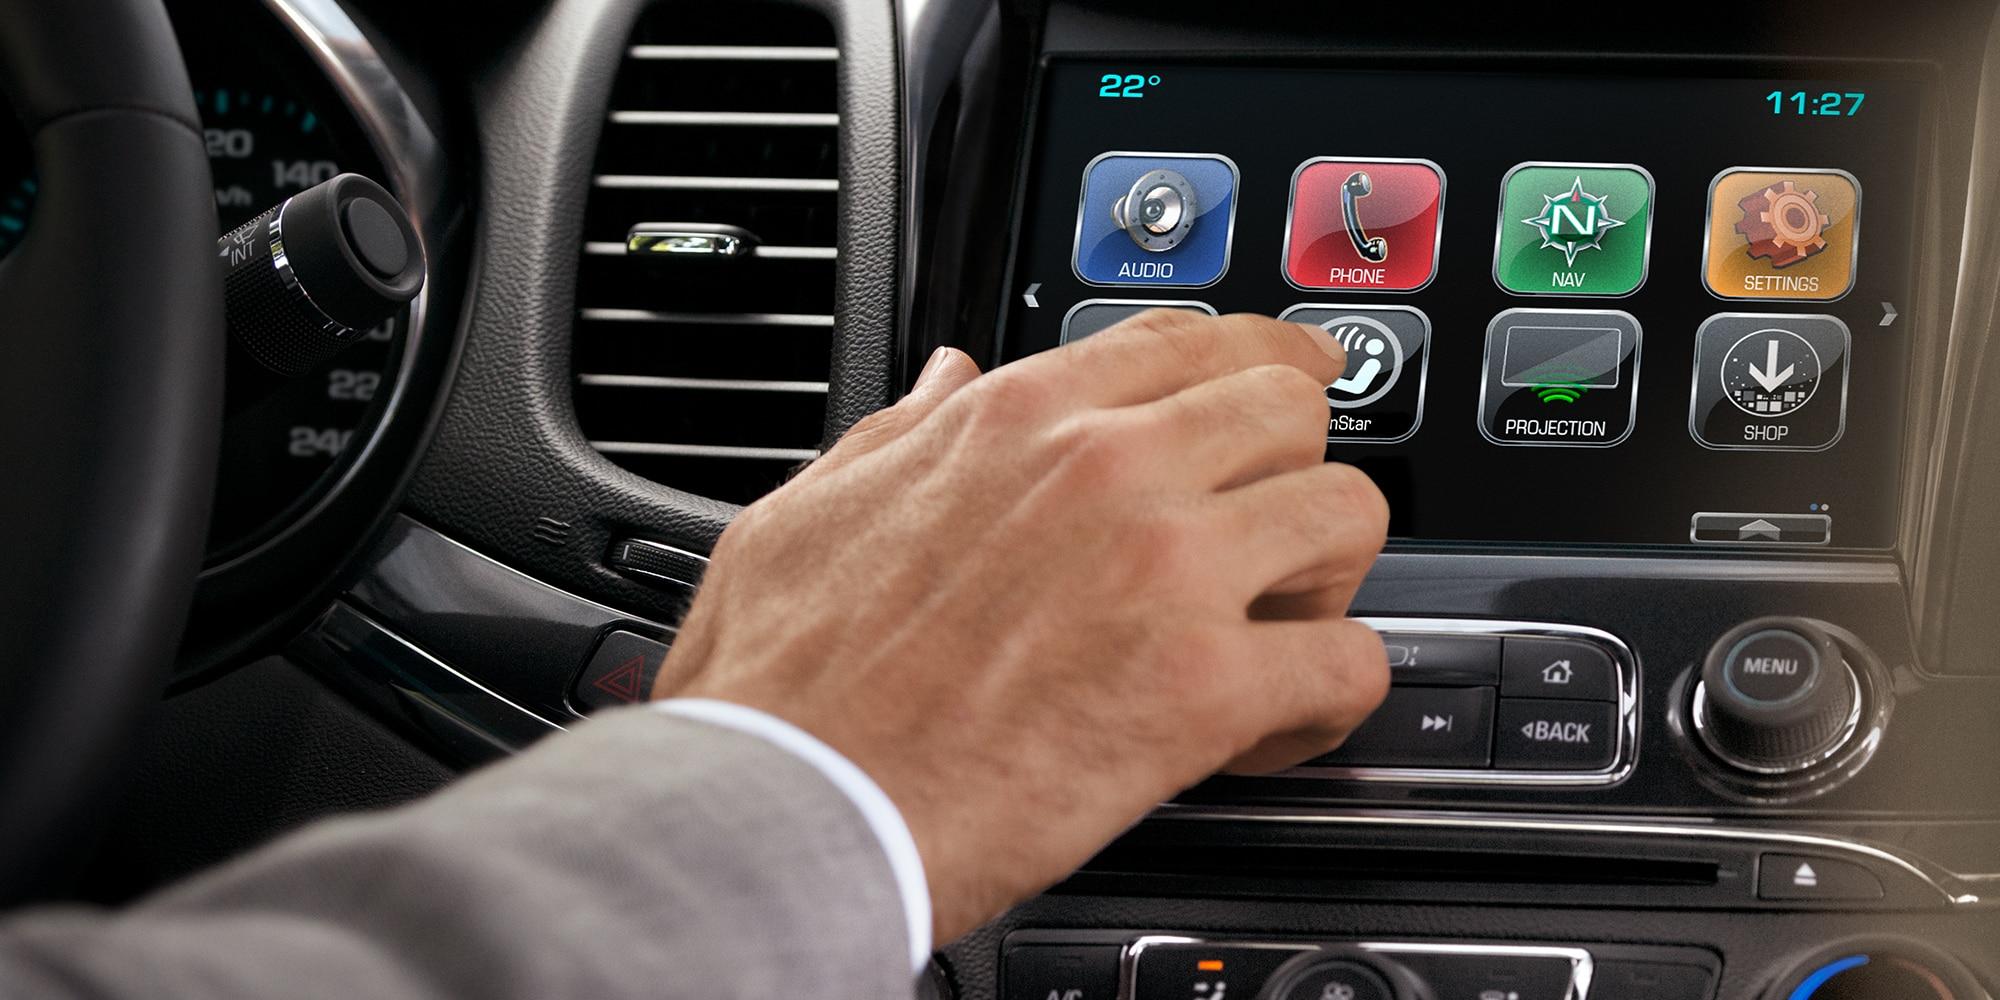 Funciones de Chevrolet MyLink: pantalla táctil